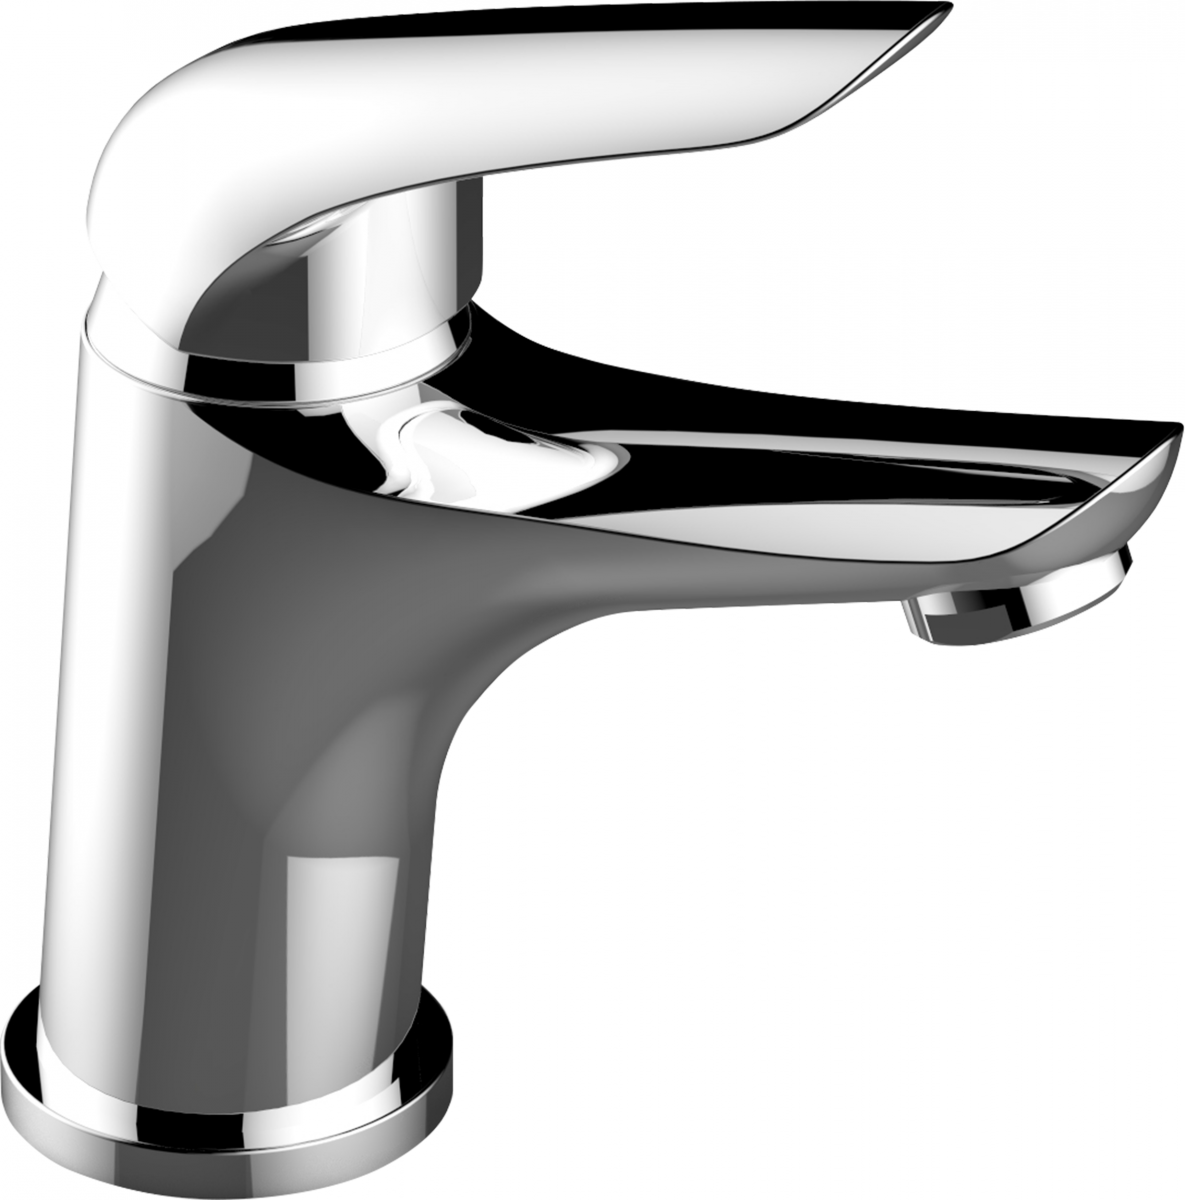 Waschtisch Waschtischarmatur chrom Bad Armatur einhebelmischer Markenware NEU FF | Guter weltweiter Ruf  | Qualität Produkte  | Deutschland Store  | Deutschland Shop